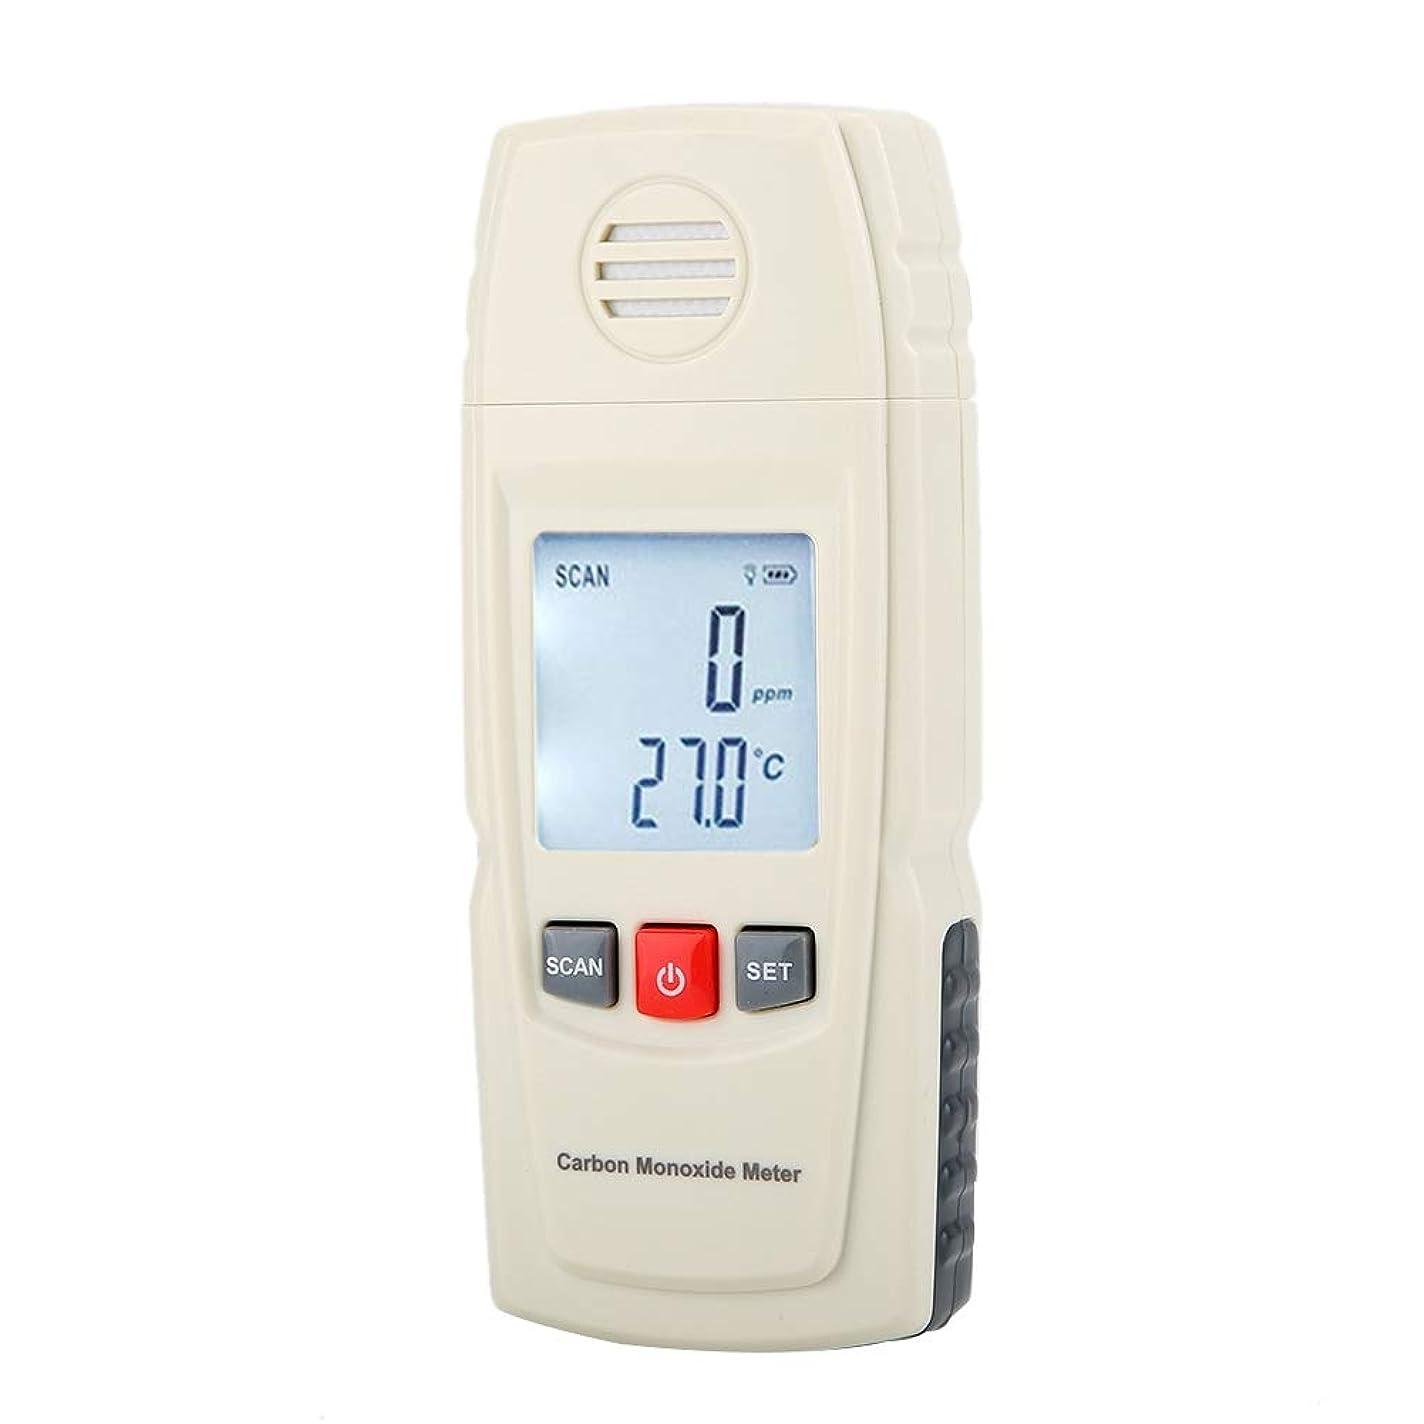 摂氏恐怖症杭ガス検知器、高感度検知器、セキュリティセンサー、高精度ポータブルガス漏れ検知器、デジタルディスプレイガス警報器